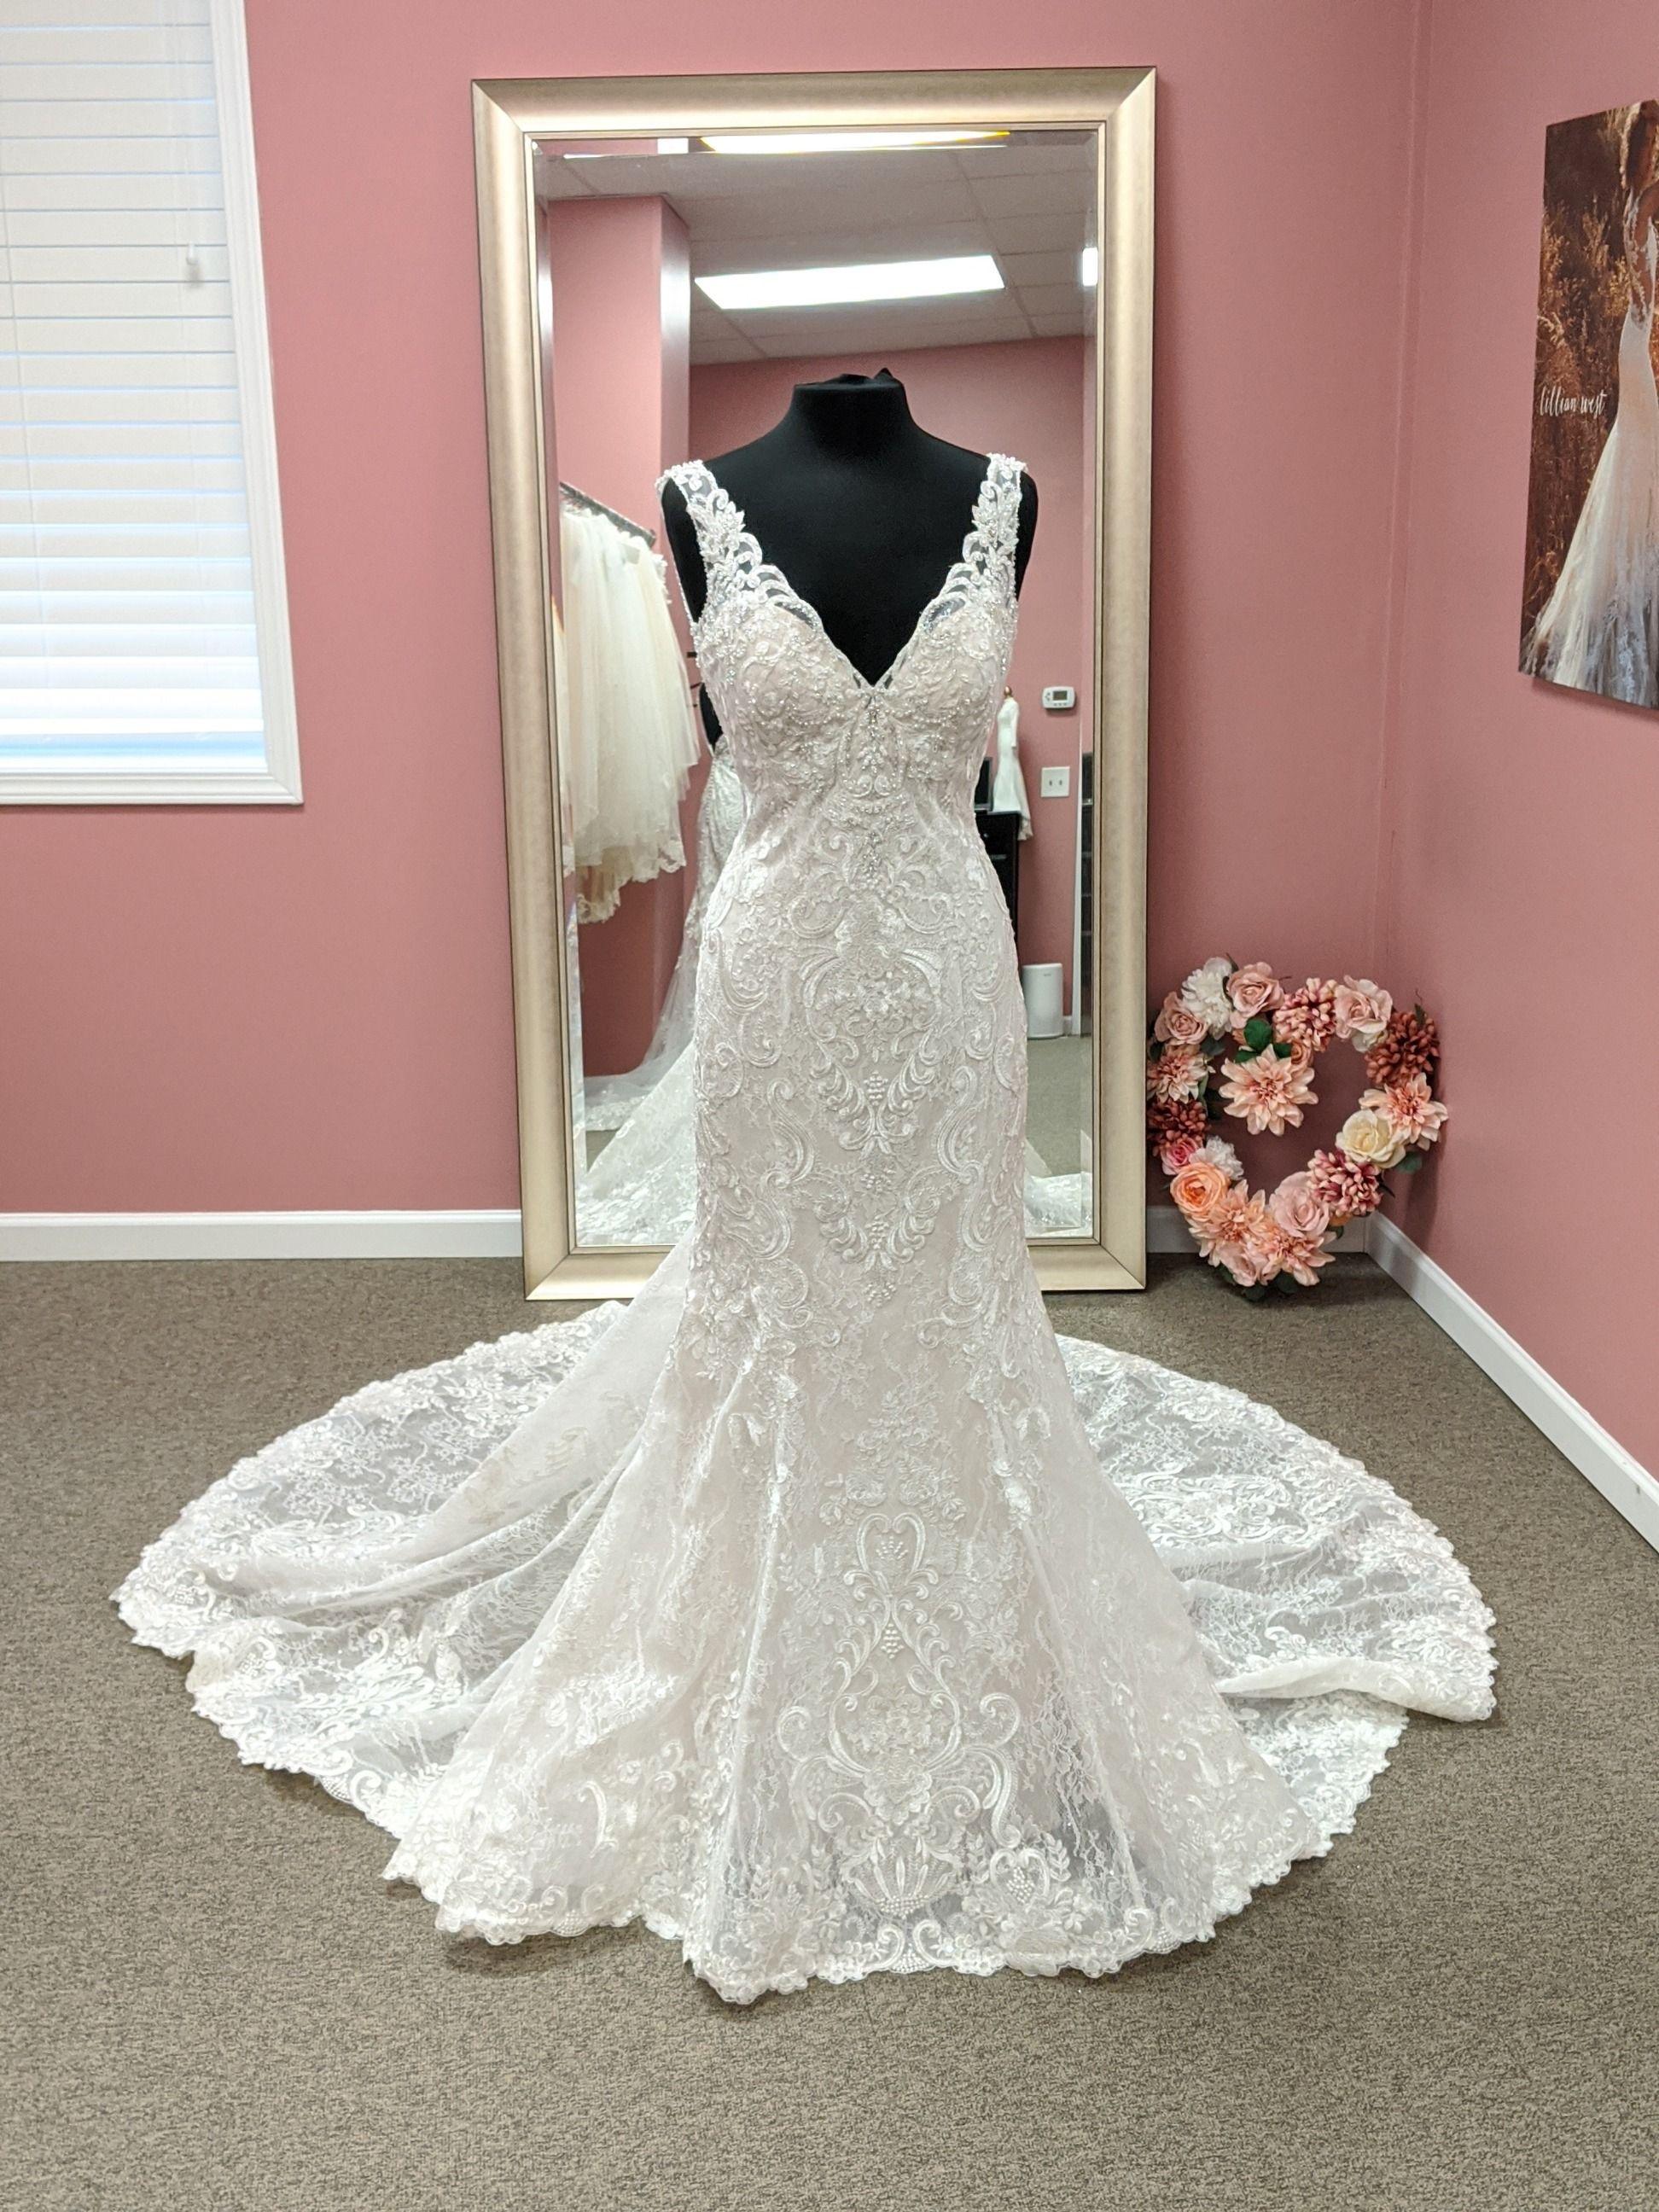 Size 8 In 2020 Mermaid Wedding Dress Wedding Dresses Bridal Shop